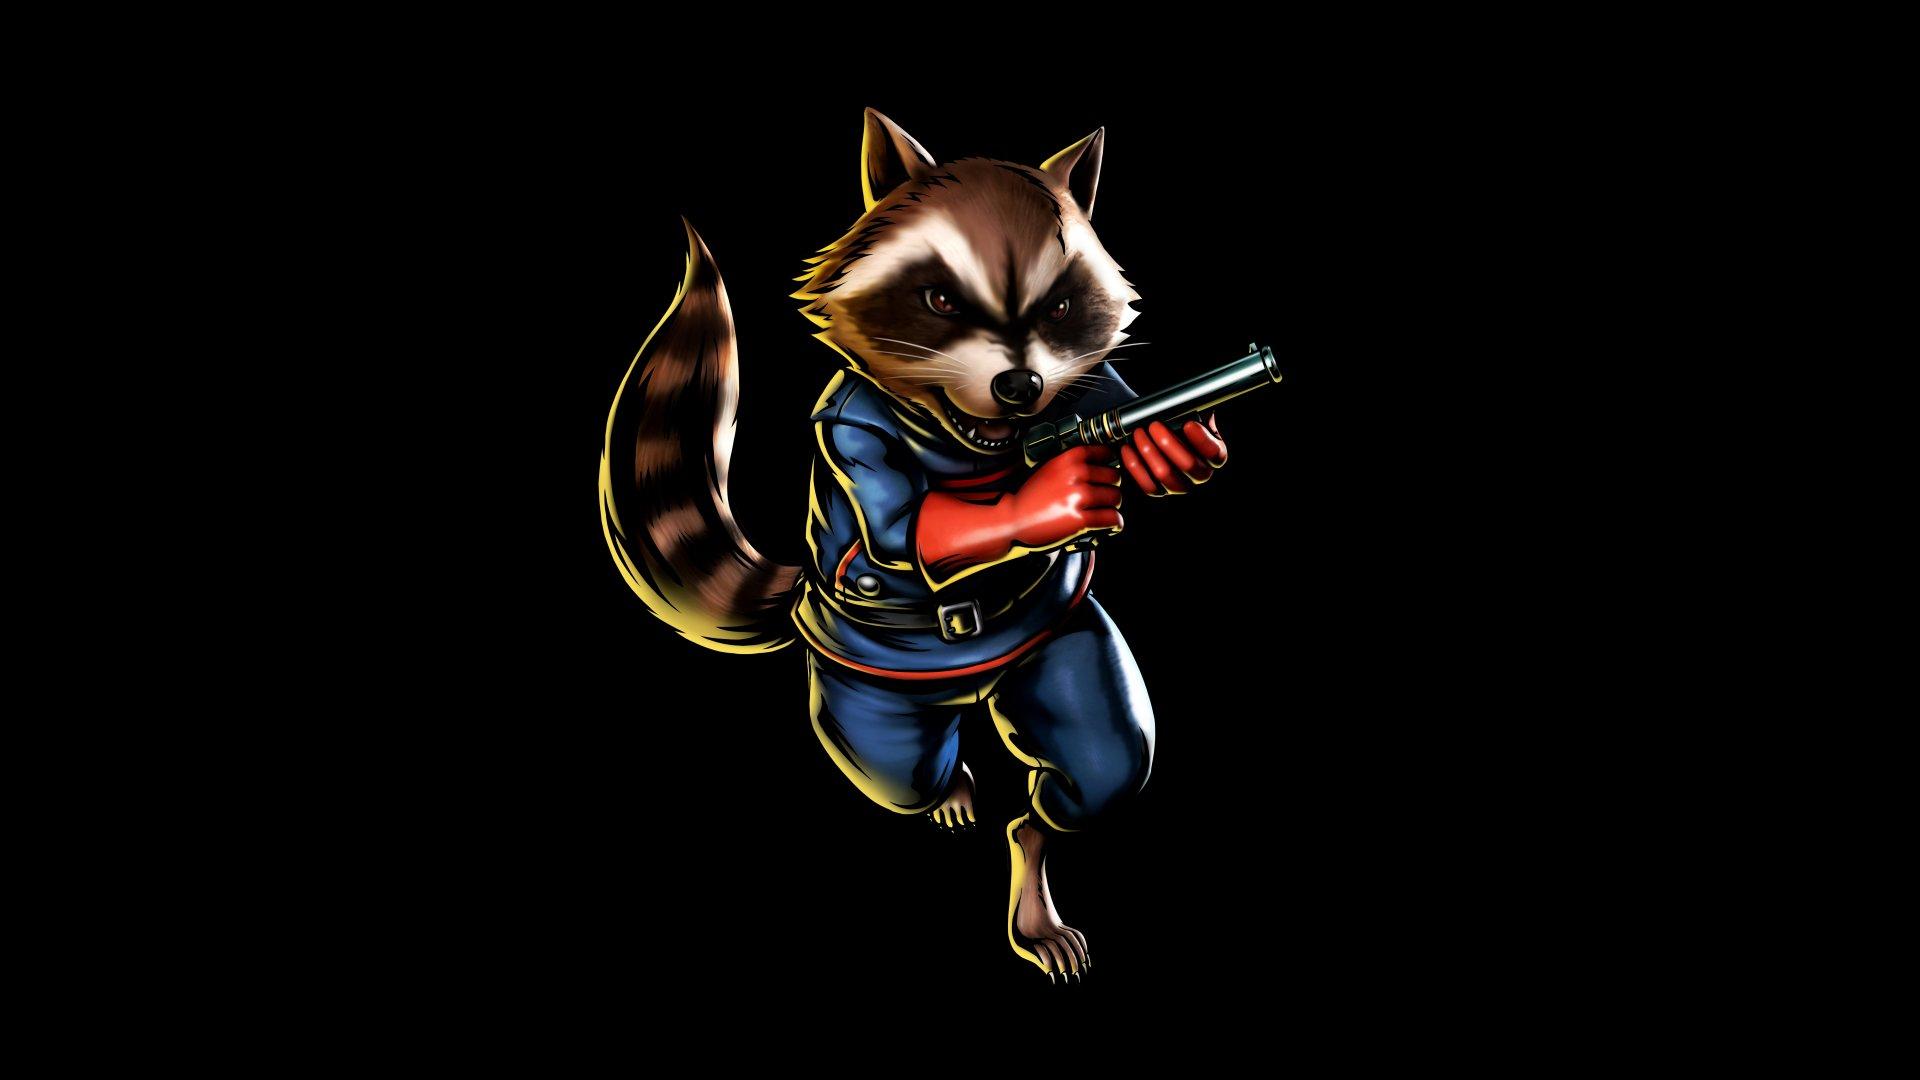 Rocket raccoon 8k ultra hd wallpaper background image - Rocket raccoon phone wallpaper ...